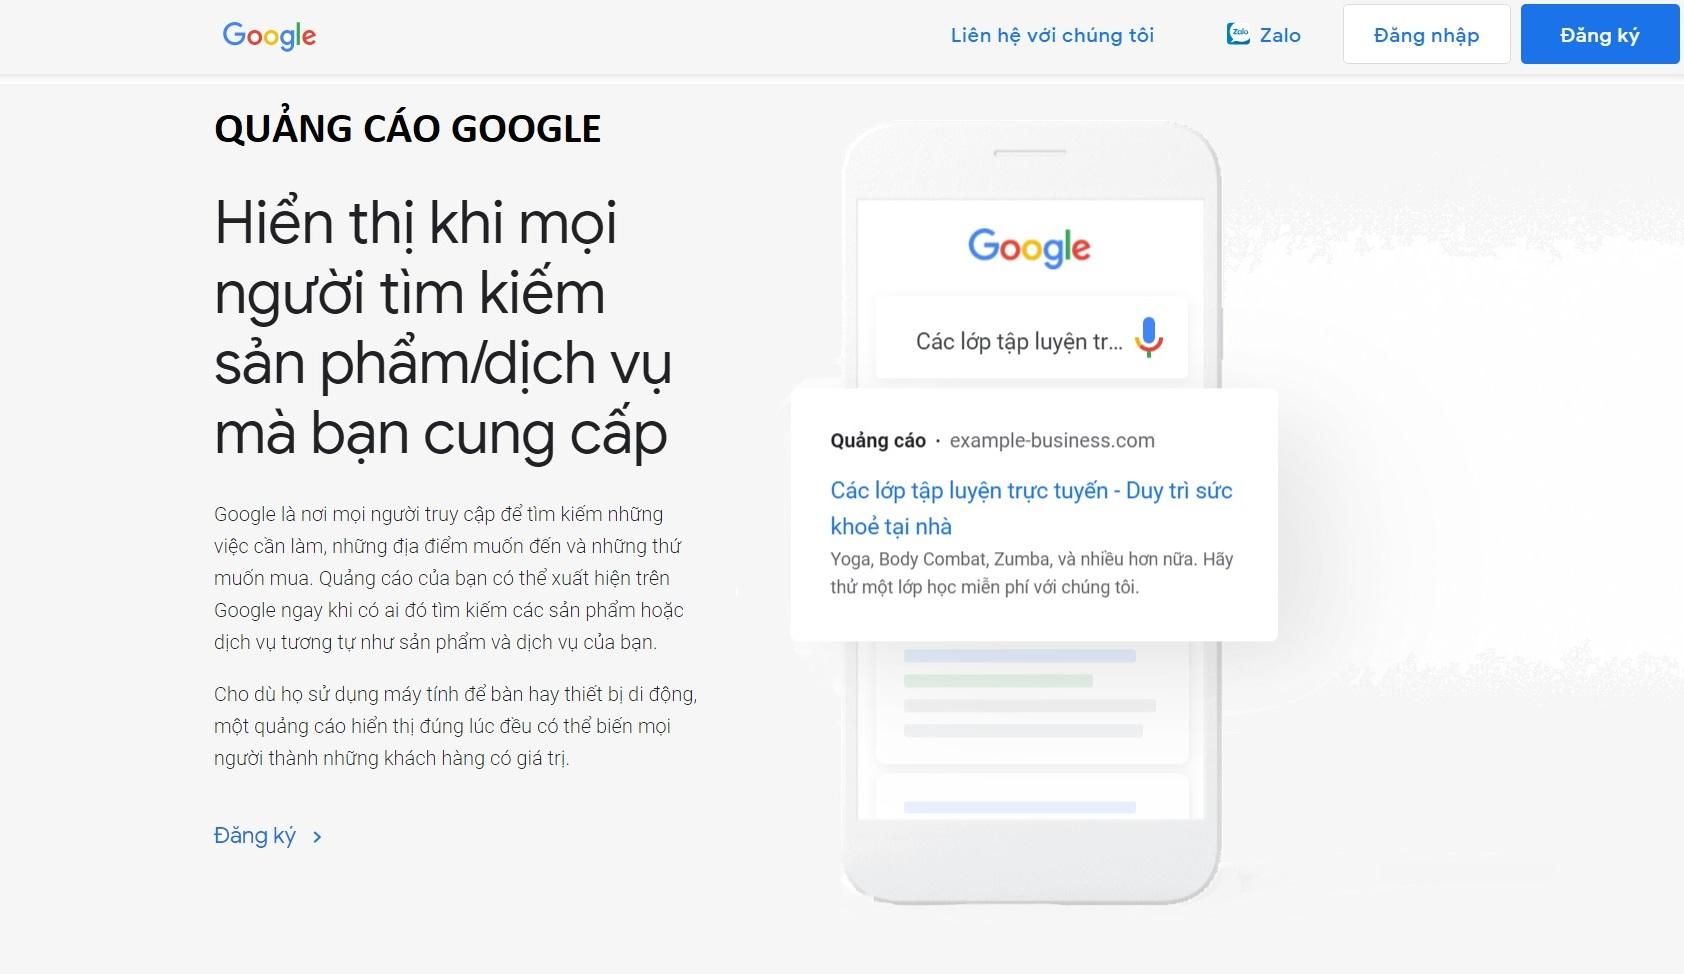 Quảng cáo Google uy tín ngay tại Đà Nẵng